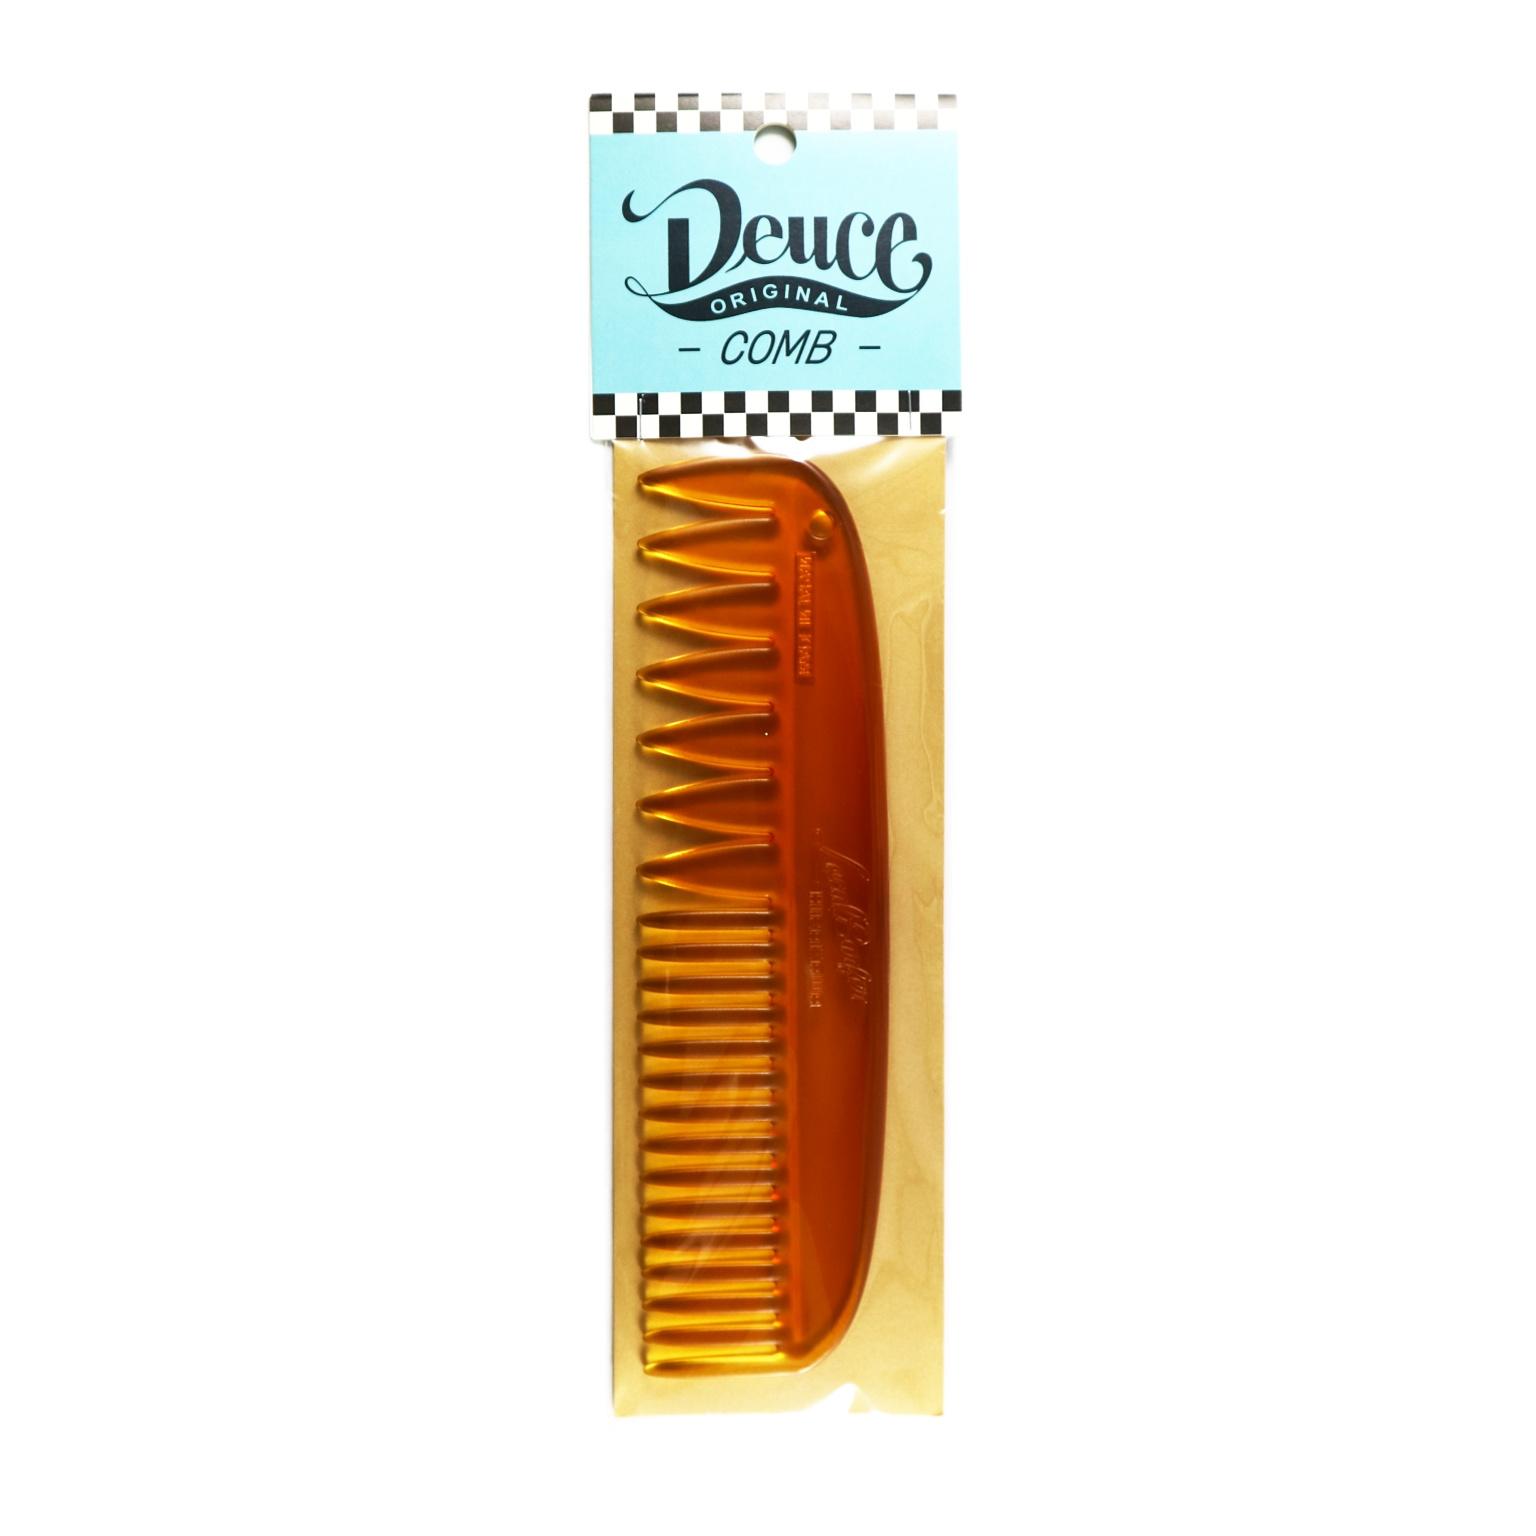 Deuce Comb(ベッコウ)/Deuce(コーム)